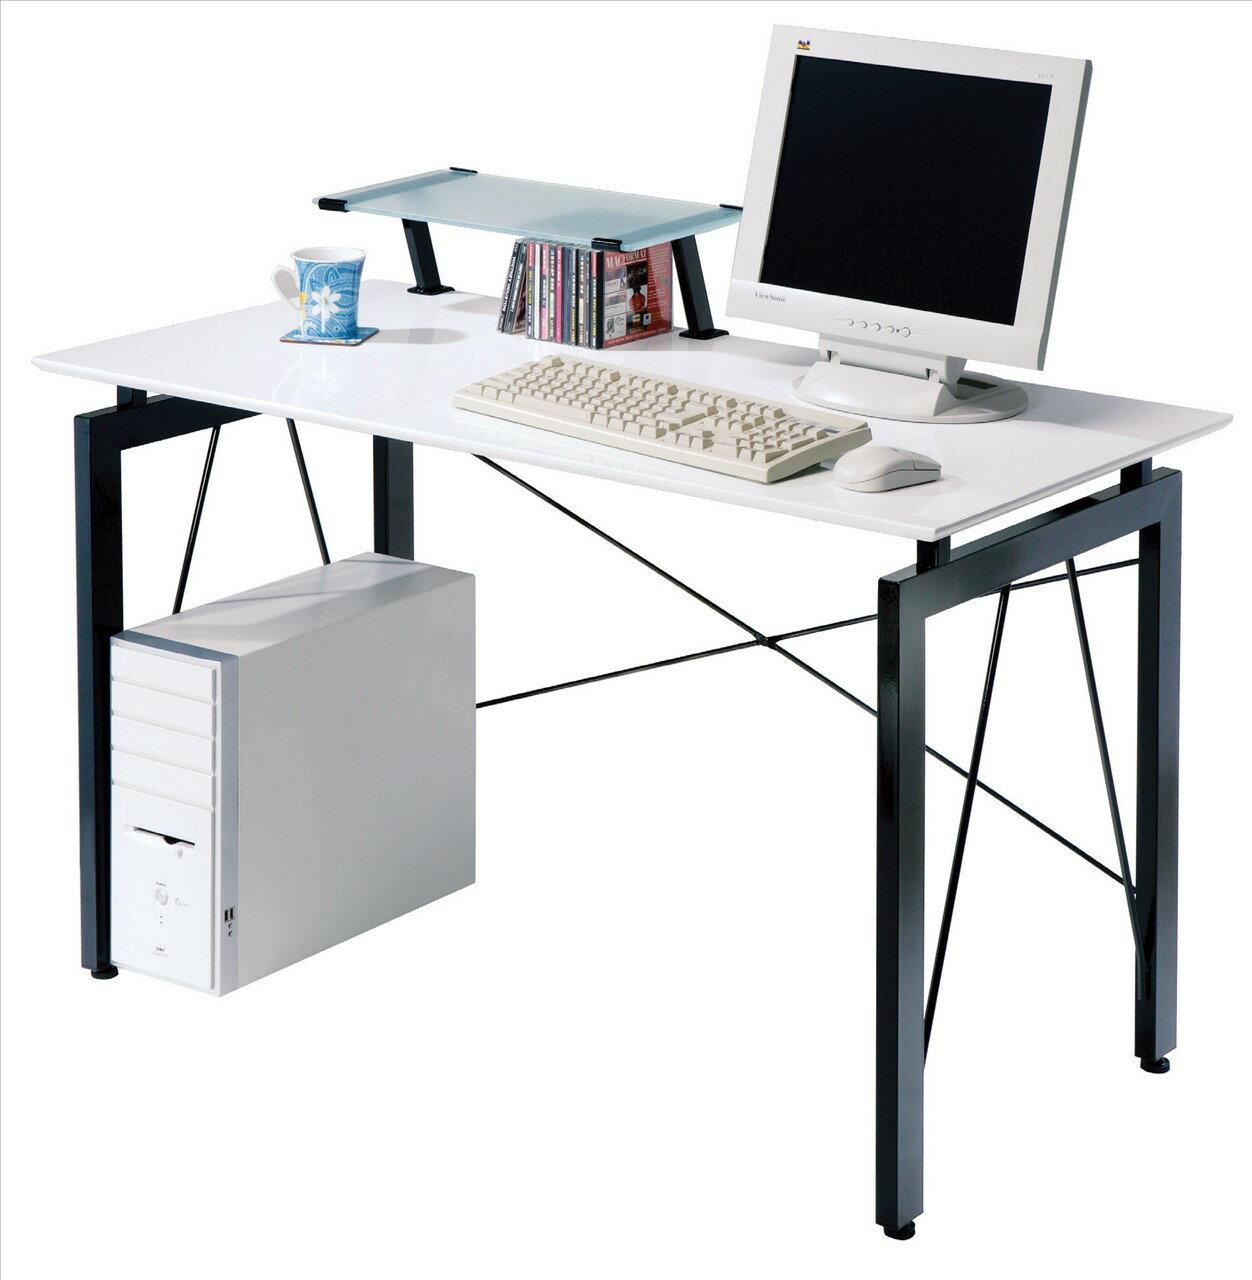 【石川家居】JF-385-2 歐雪4尺白色鋼烤電腦桌(含上架)(不含其他商品) 台北到高雄搭配車趟免運/滿三千搭配車趟免運